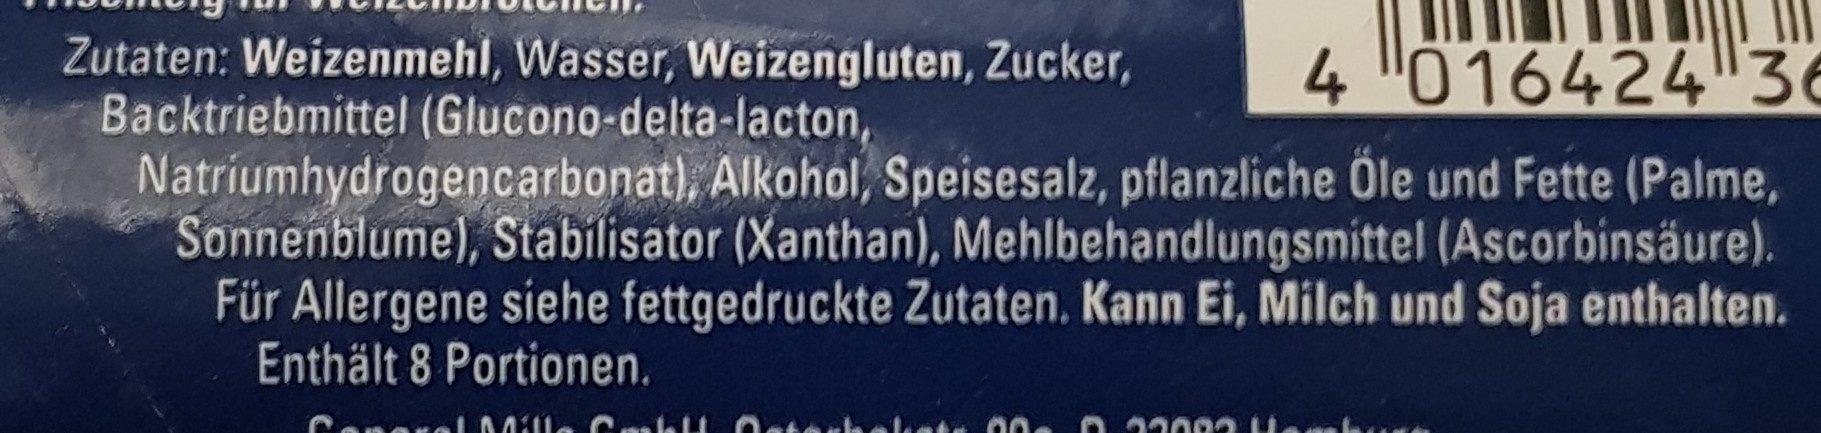 Sonntags Brötchen, Knack&Back - Zutaten - de